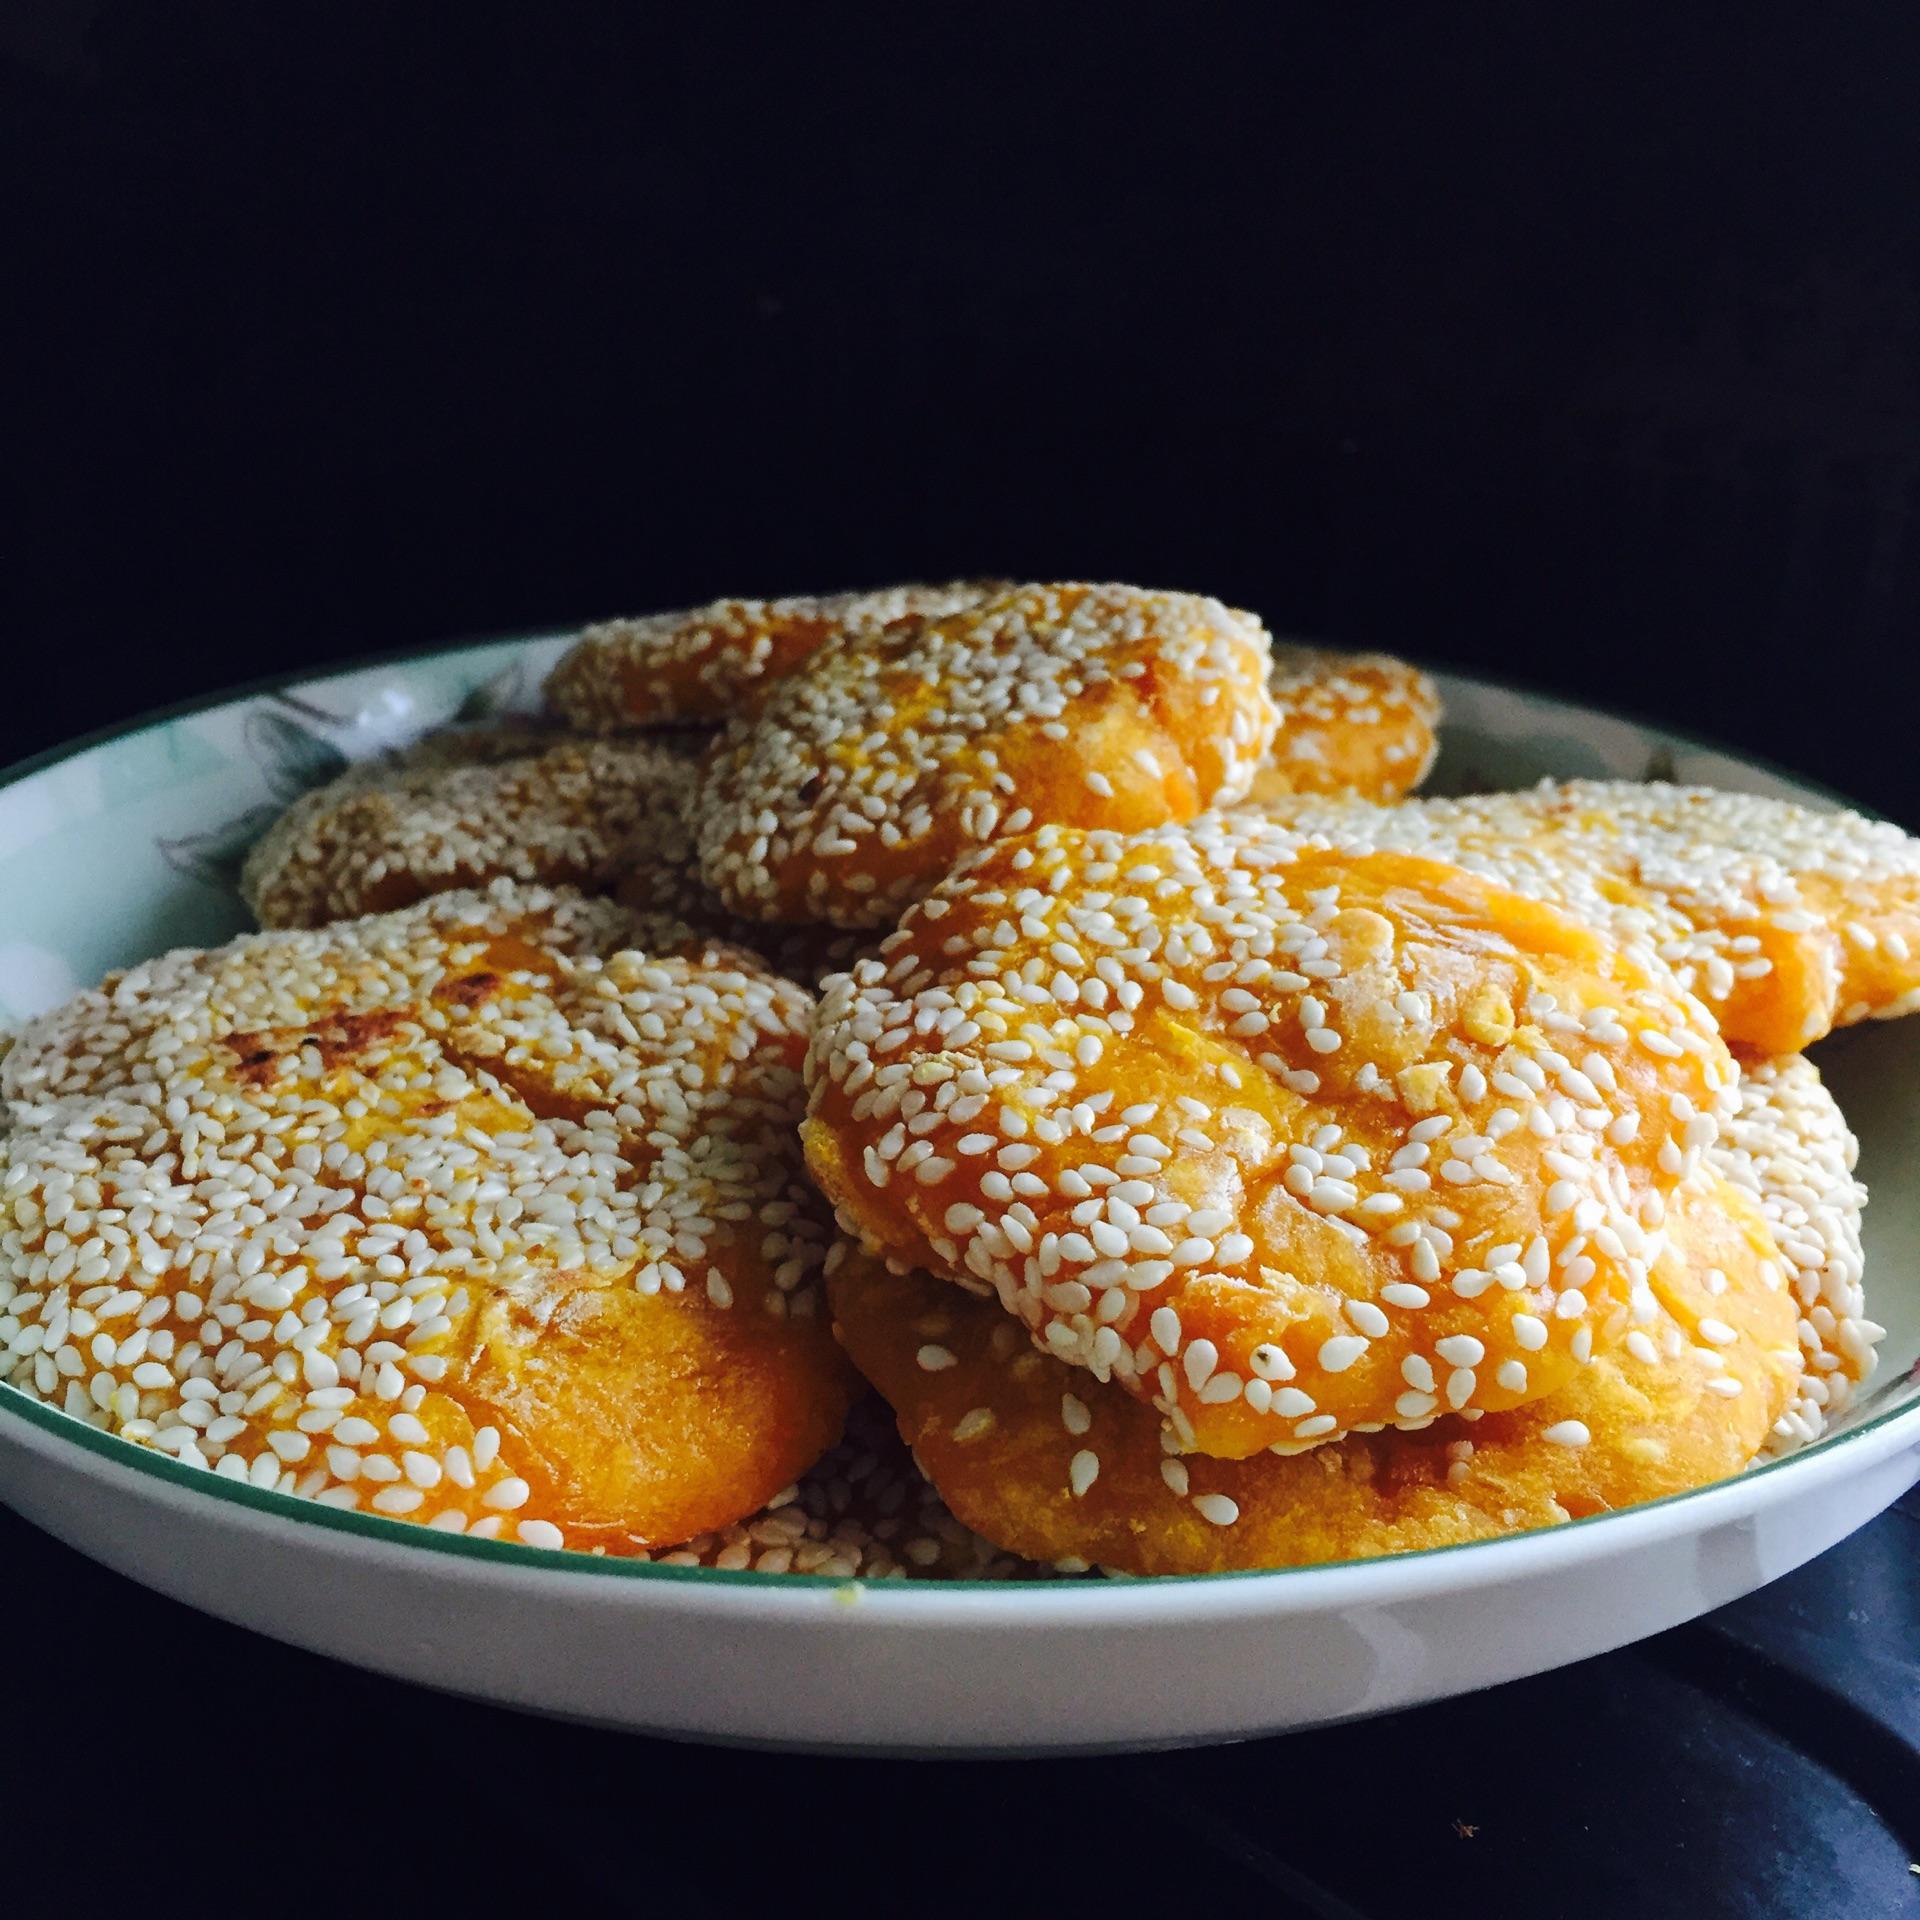 南瓜芝麻饼的做法_南瓜芝麻小饼的做法_【图解】南瓜芝麻小饼怎么做如何做好吃